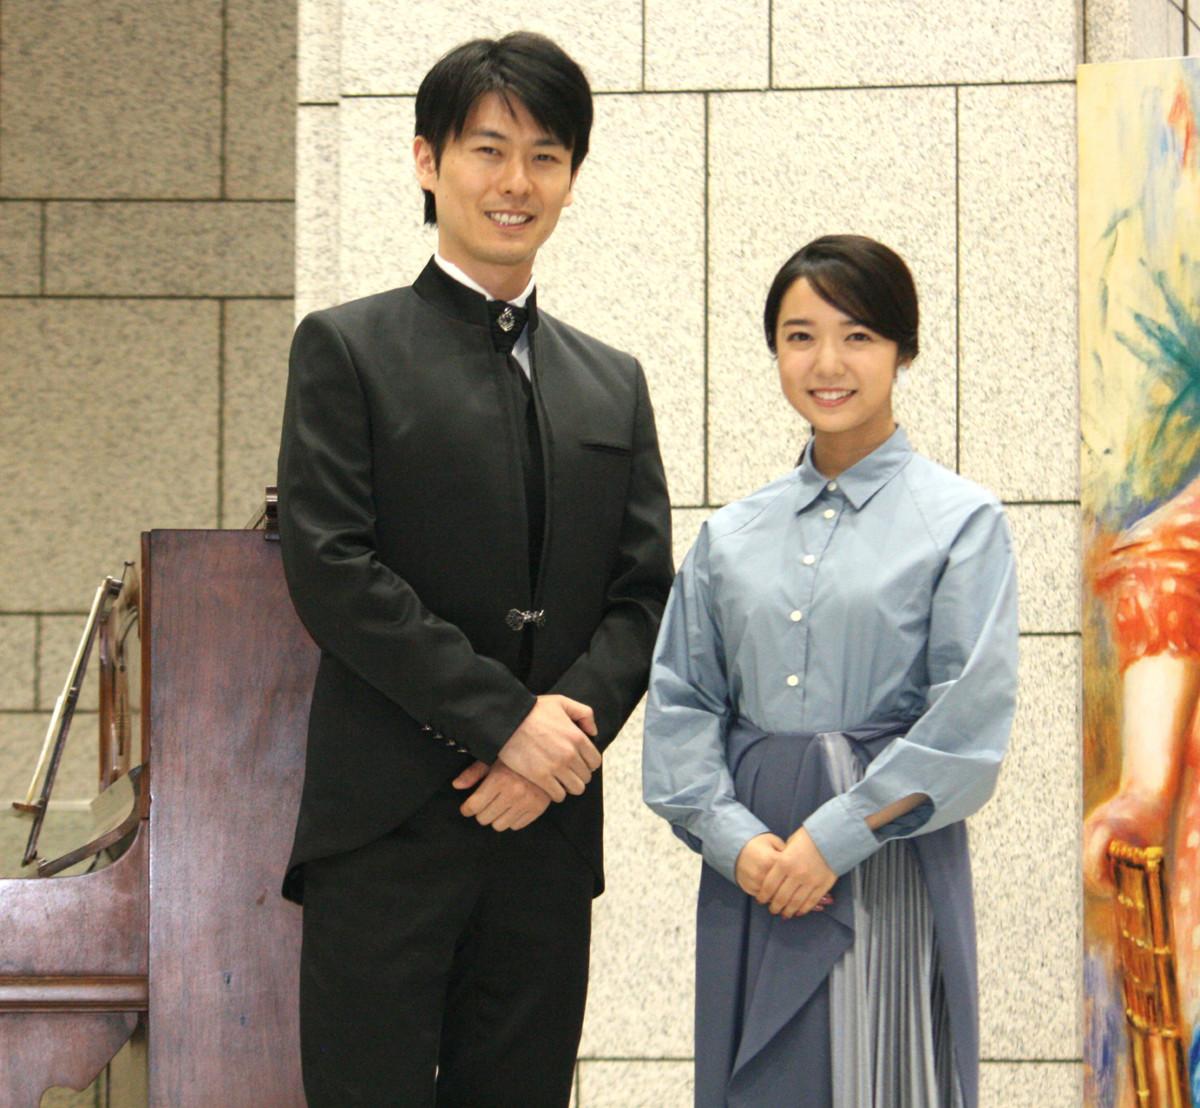 横浜美術館で開催される展覧会の取材会に出席し、仏作曲家エリック・サティ作曲のシャンソン「ジュ・トゥ・ヴ」(1900年)を歌唱した上白石萌音と、演奏したピアニストの福間洸太朗